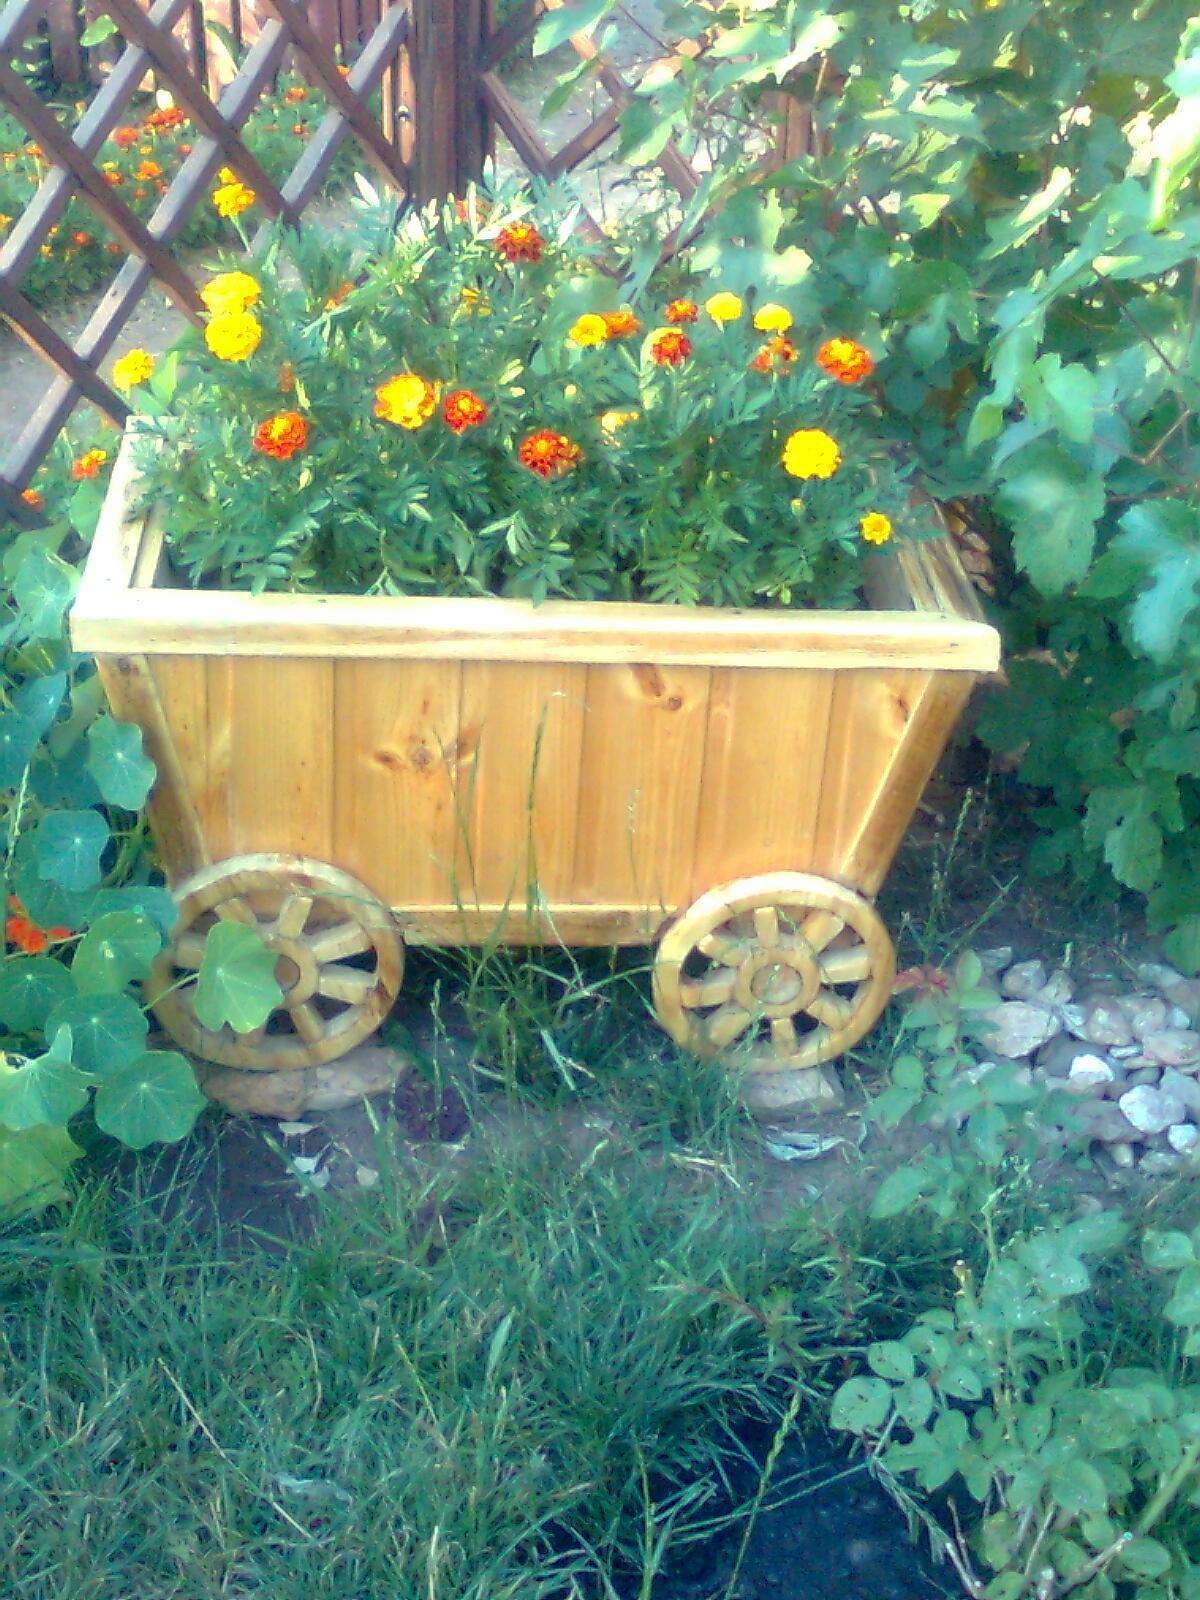 Поделки в саду огороде своими руками фото